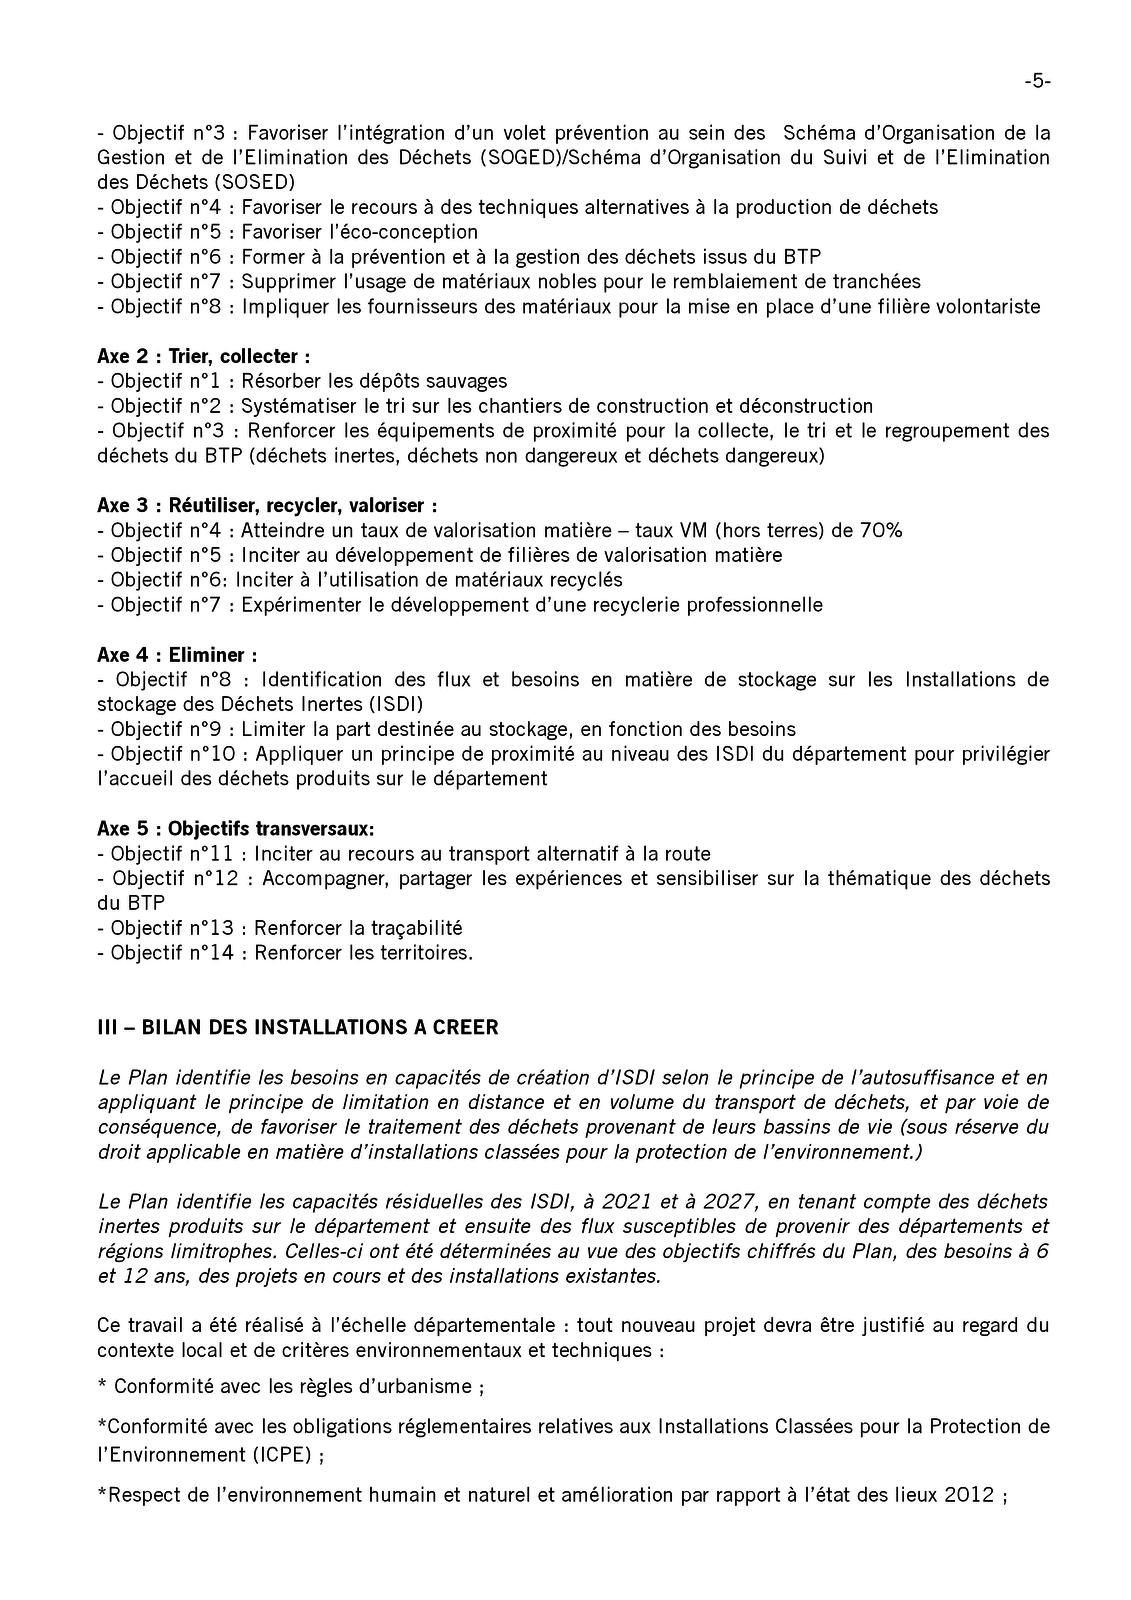 Communauté des communes du pays de Valois : 2ème rapport concernant les plans départementaux de prévention et de gestion des déchets de l'Oise